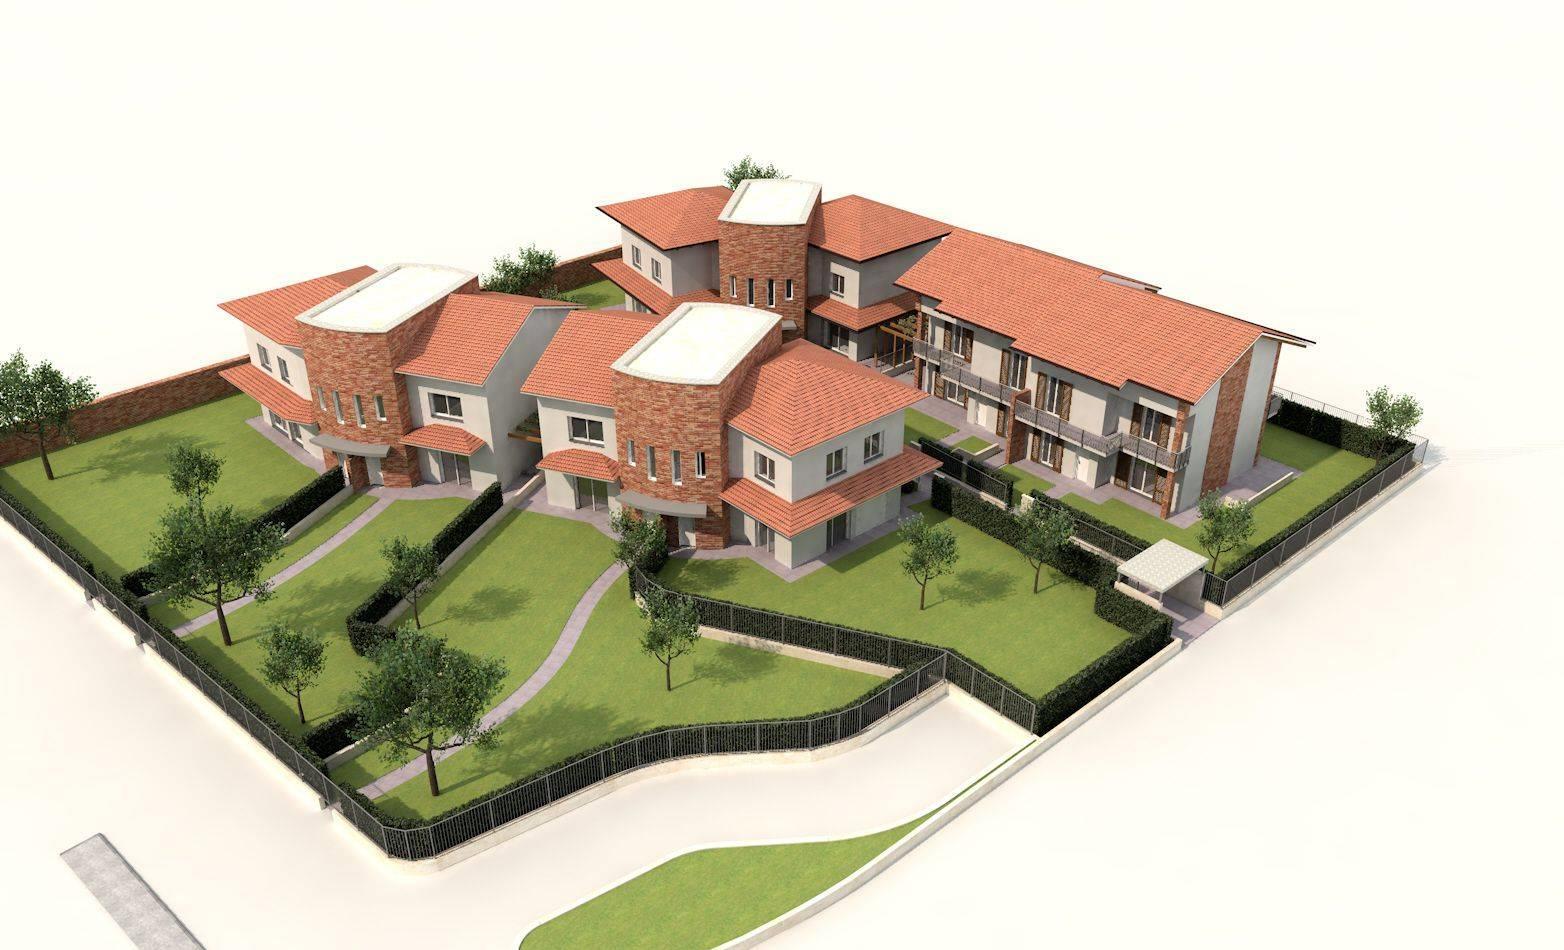 Foto 19 - Villa in Vendita - Aicurzio (Monza e Brianza)